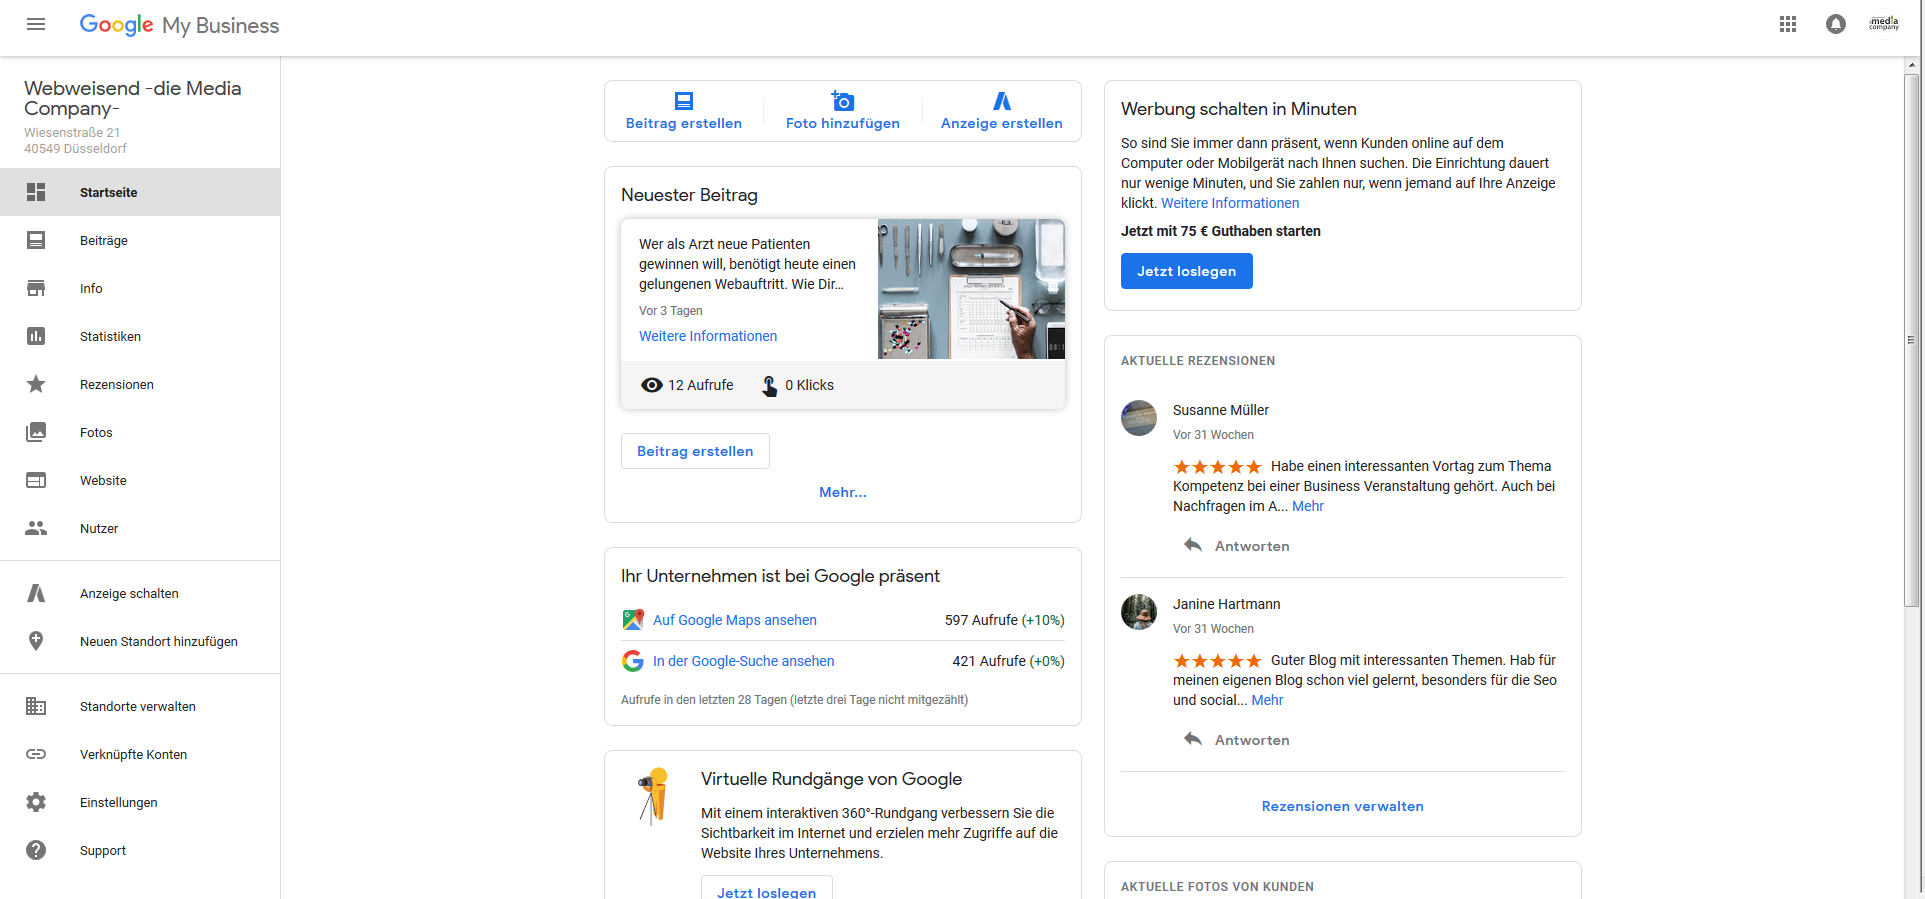 Google My Business Dashboard zur Verwaltung des Unternehmenseintrags